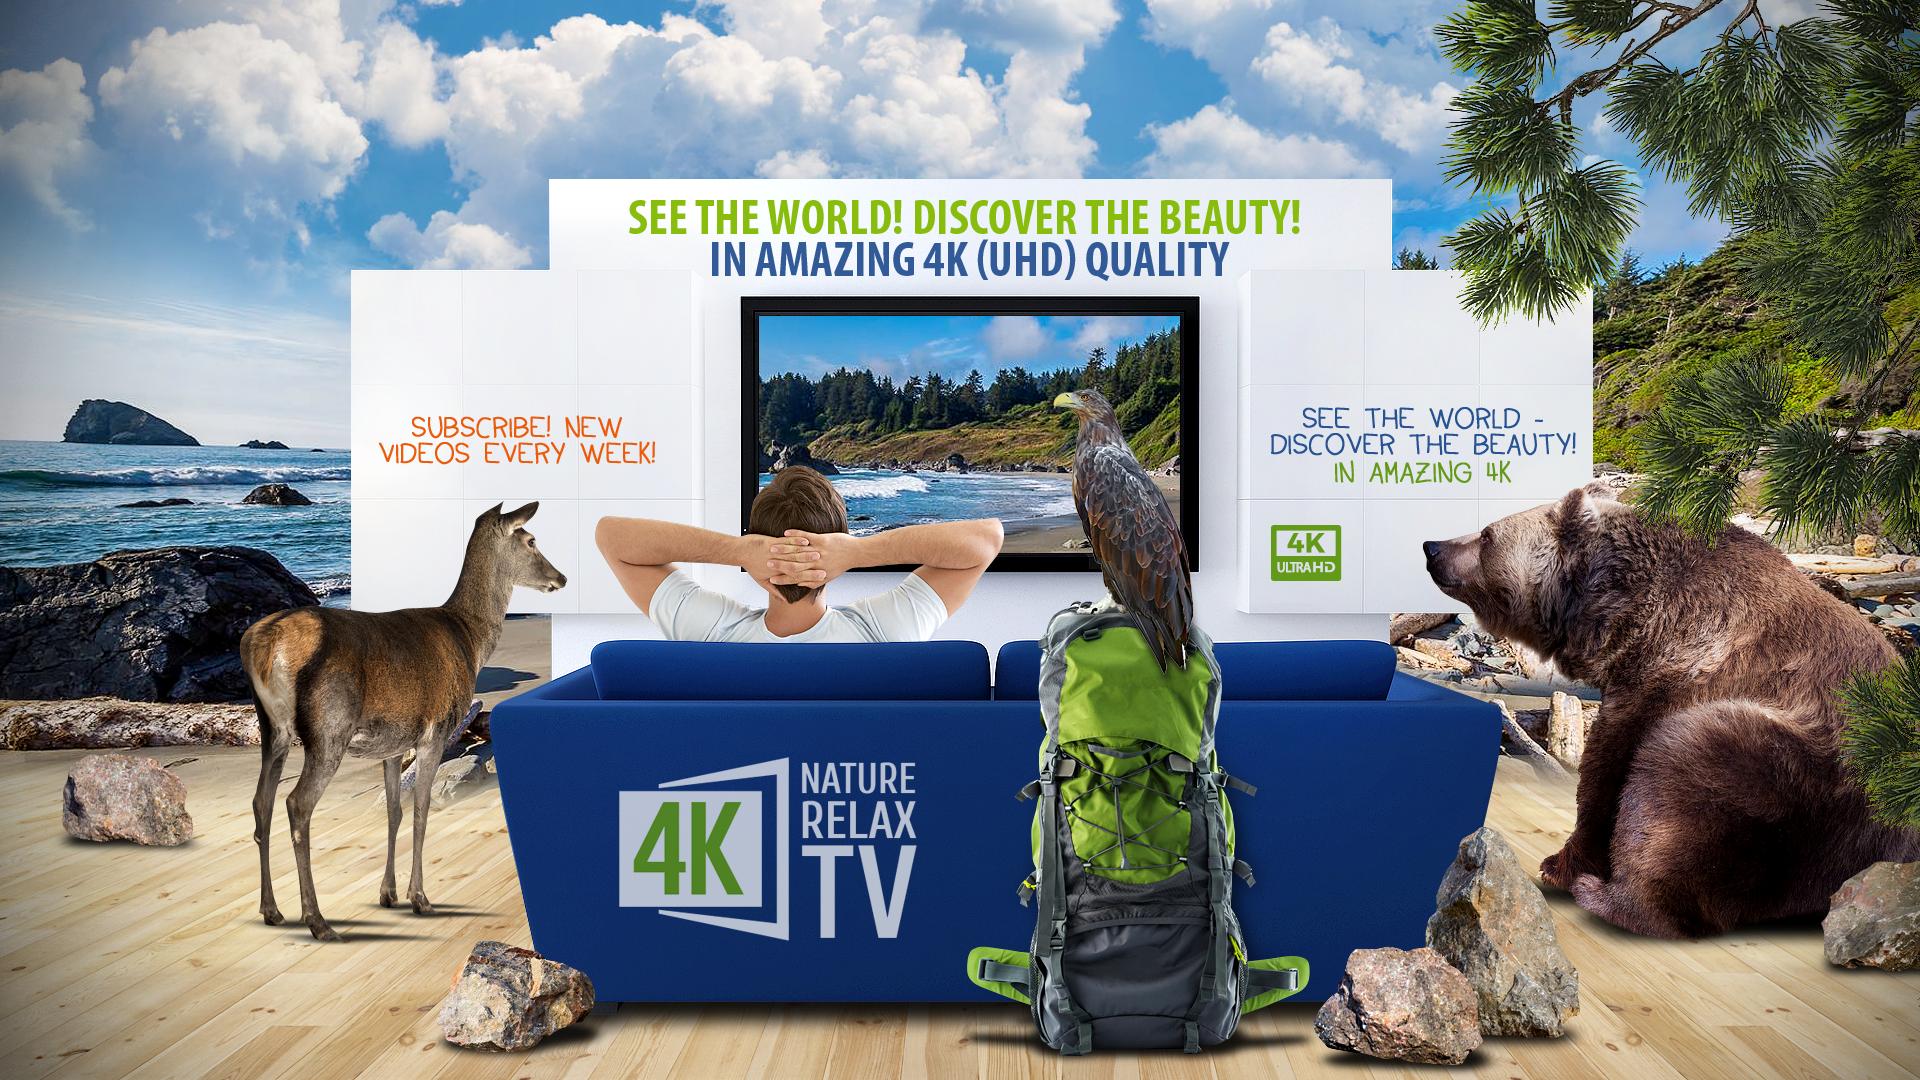 B12QSQuKEgS - 4K Nature Relax TV